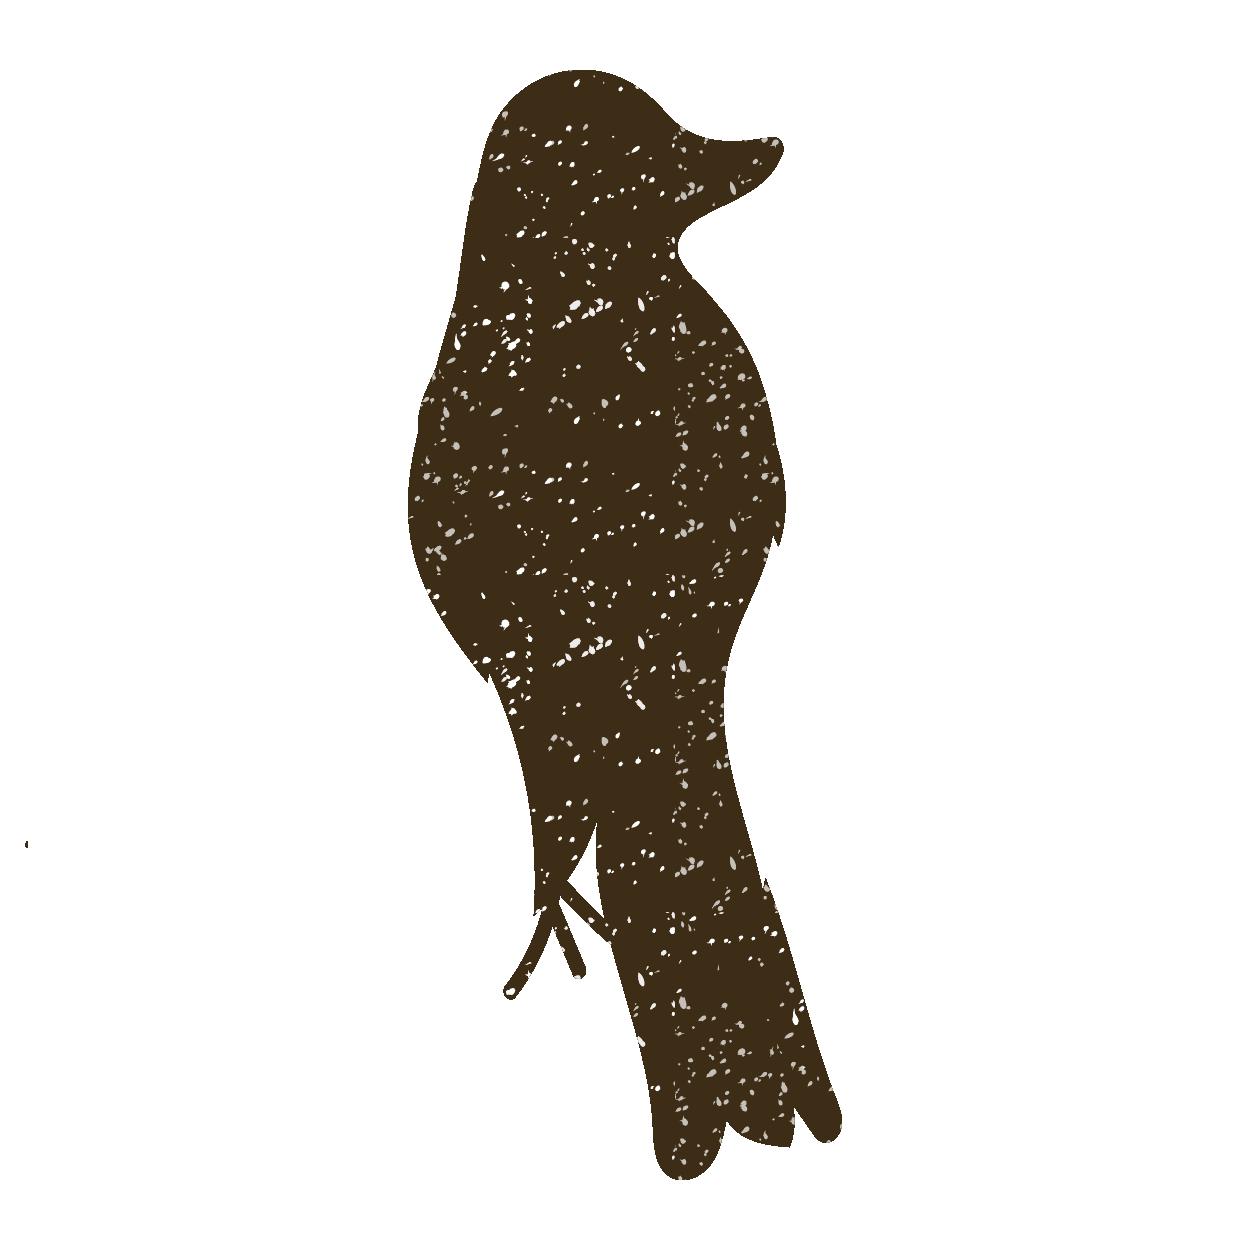 鳥(鳥・とり・トリ・バード)のスタンプイラスト【動物】 | 商用